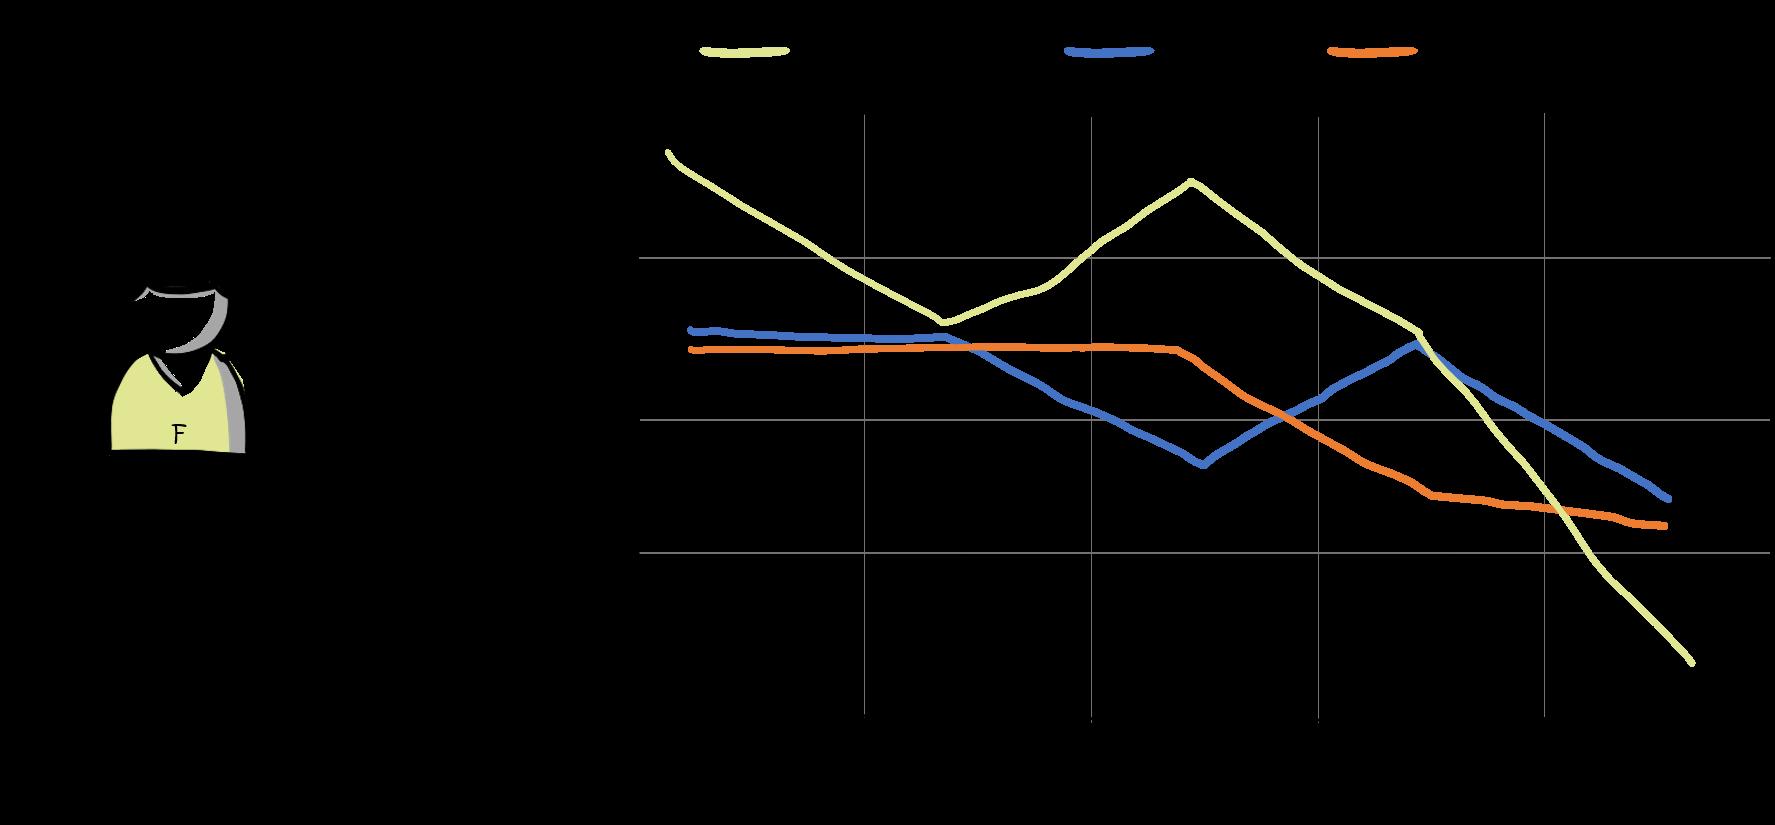 modularisierung-produktplanung-customer-canvas-Kunde-Produkte